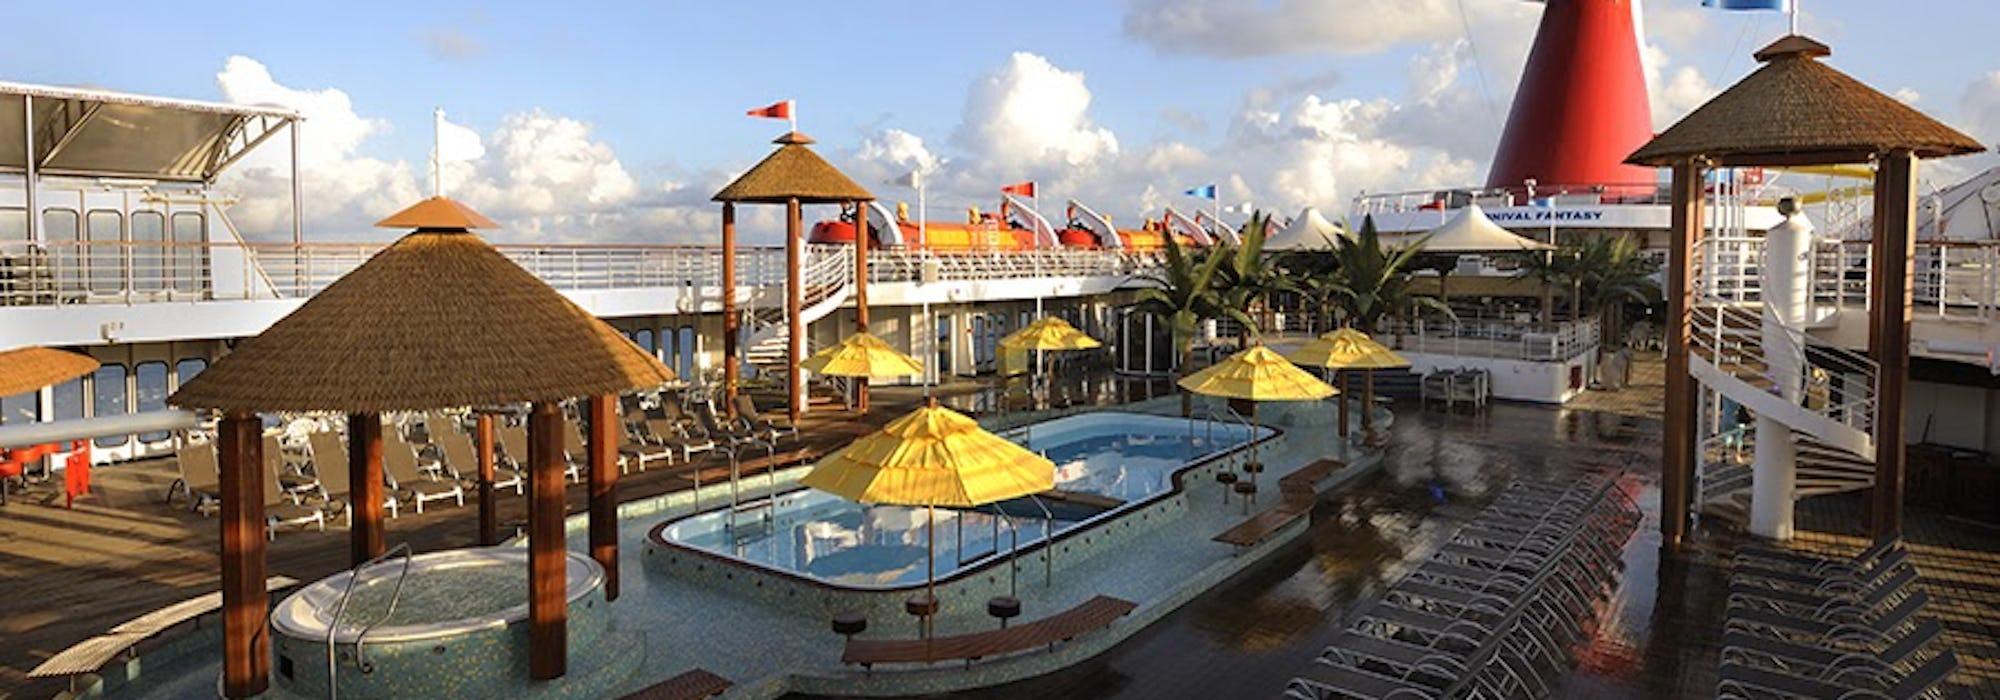 Bild på Carnival Fantasy's sol- och pooldäck med flera solsängar, jacuzzi och en pool.